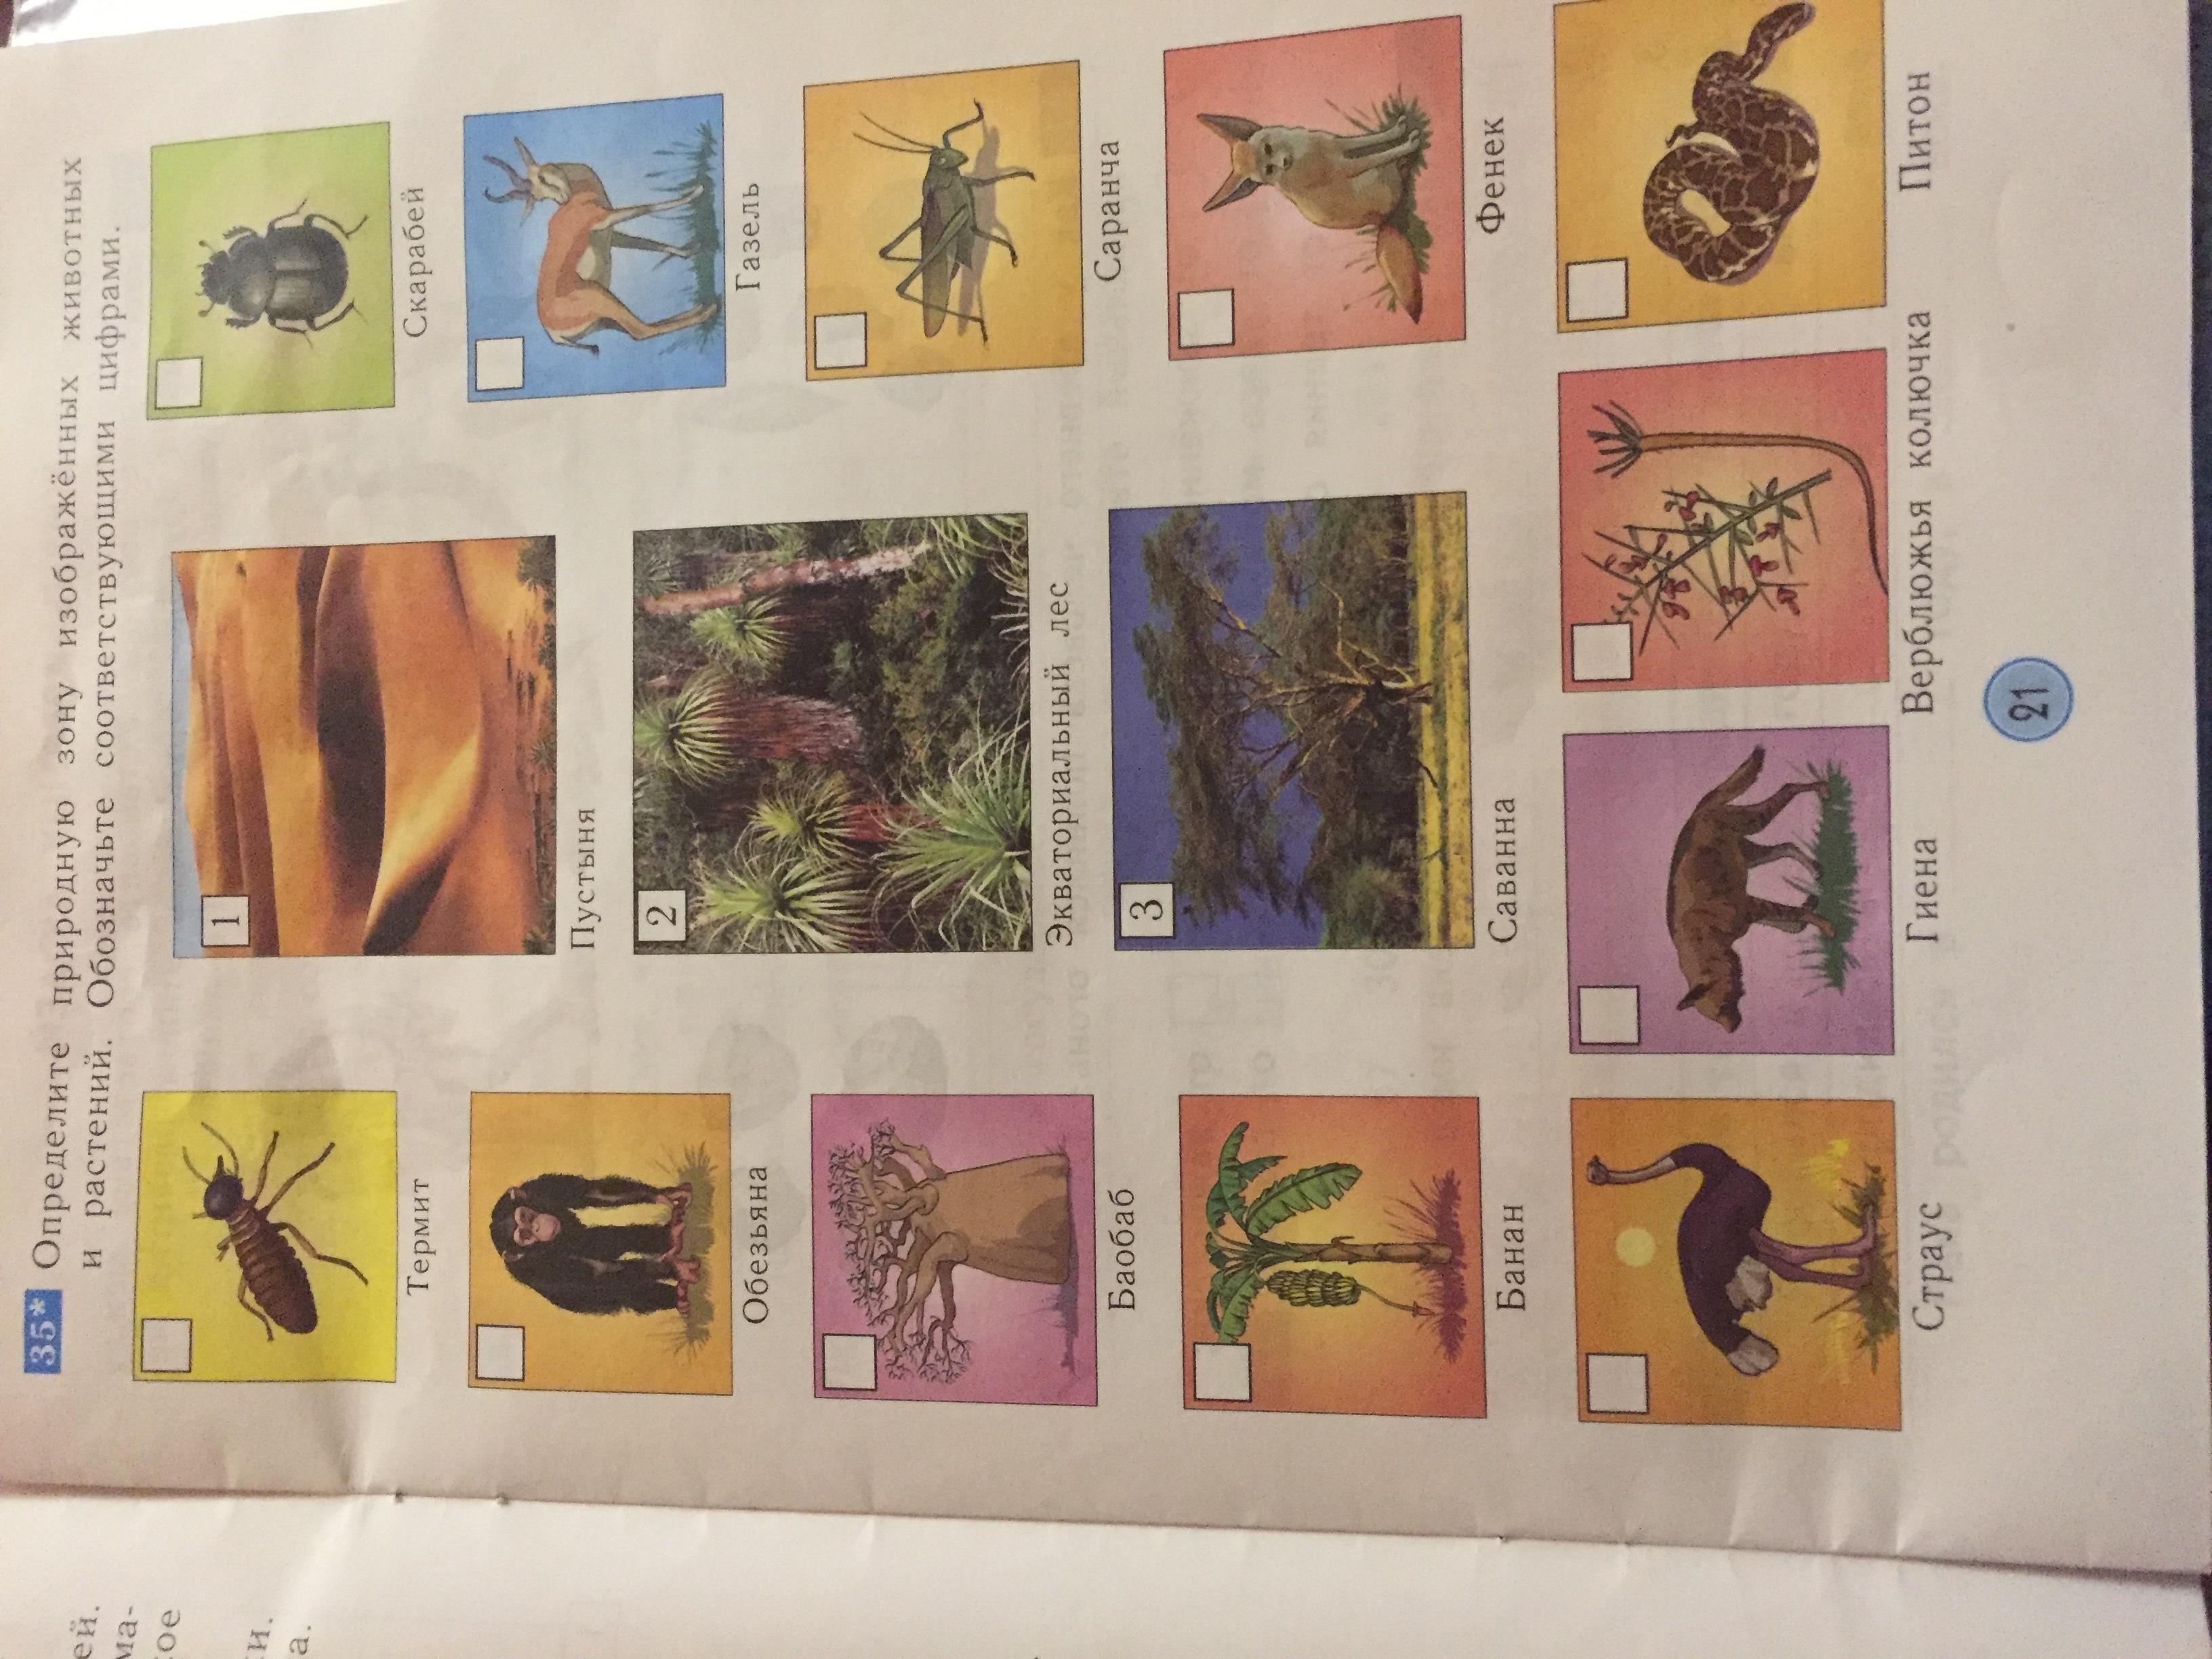 много картинки животных и растений природных зон пошли